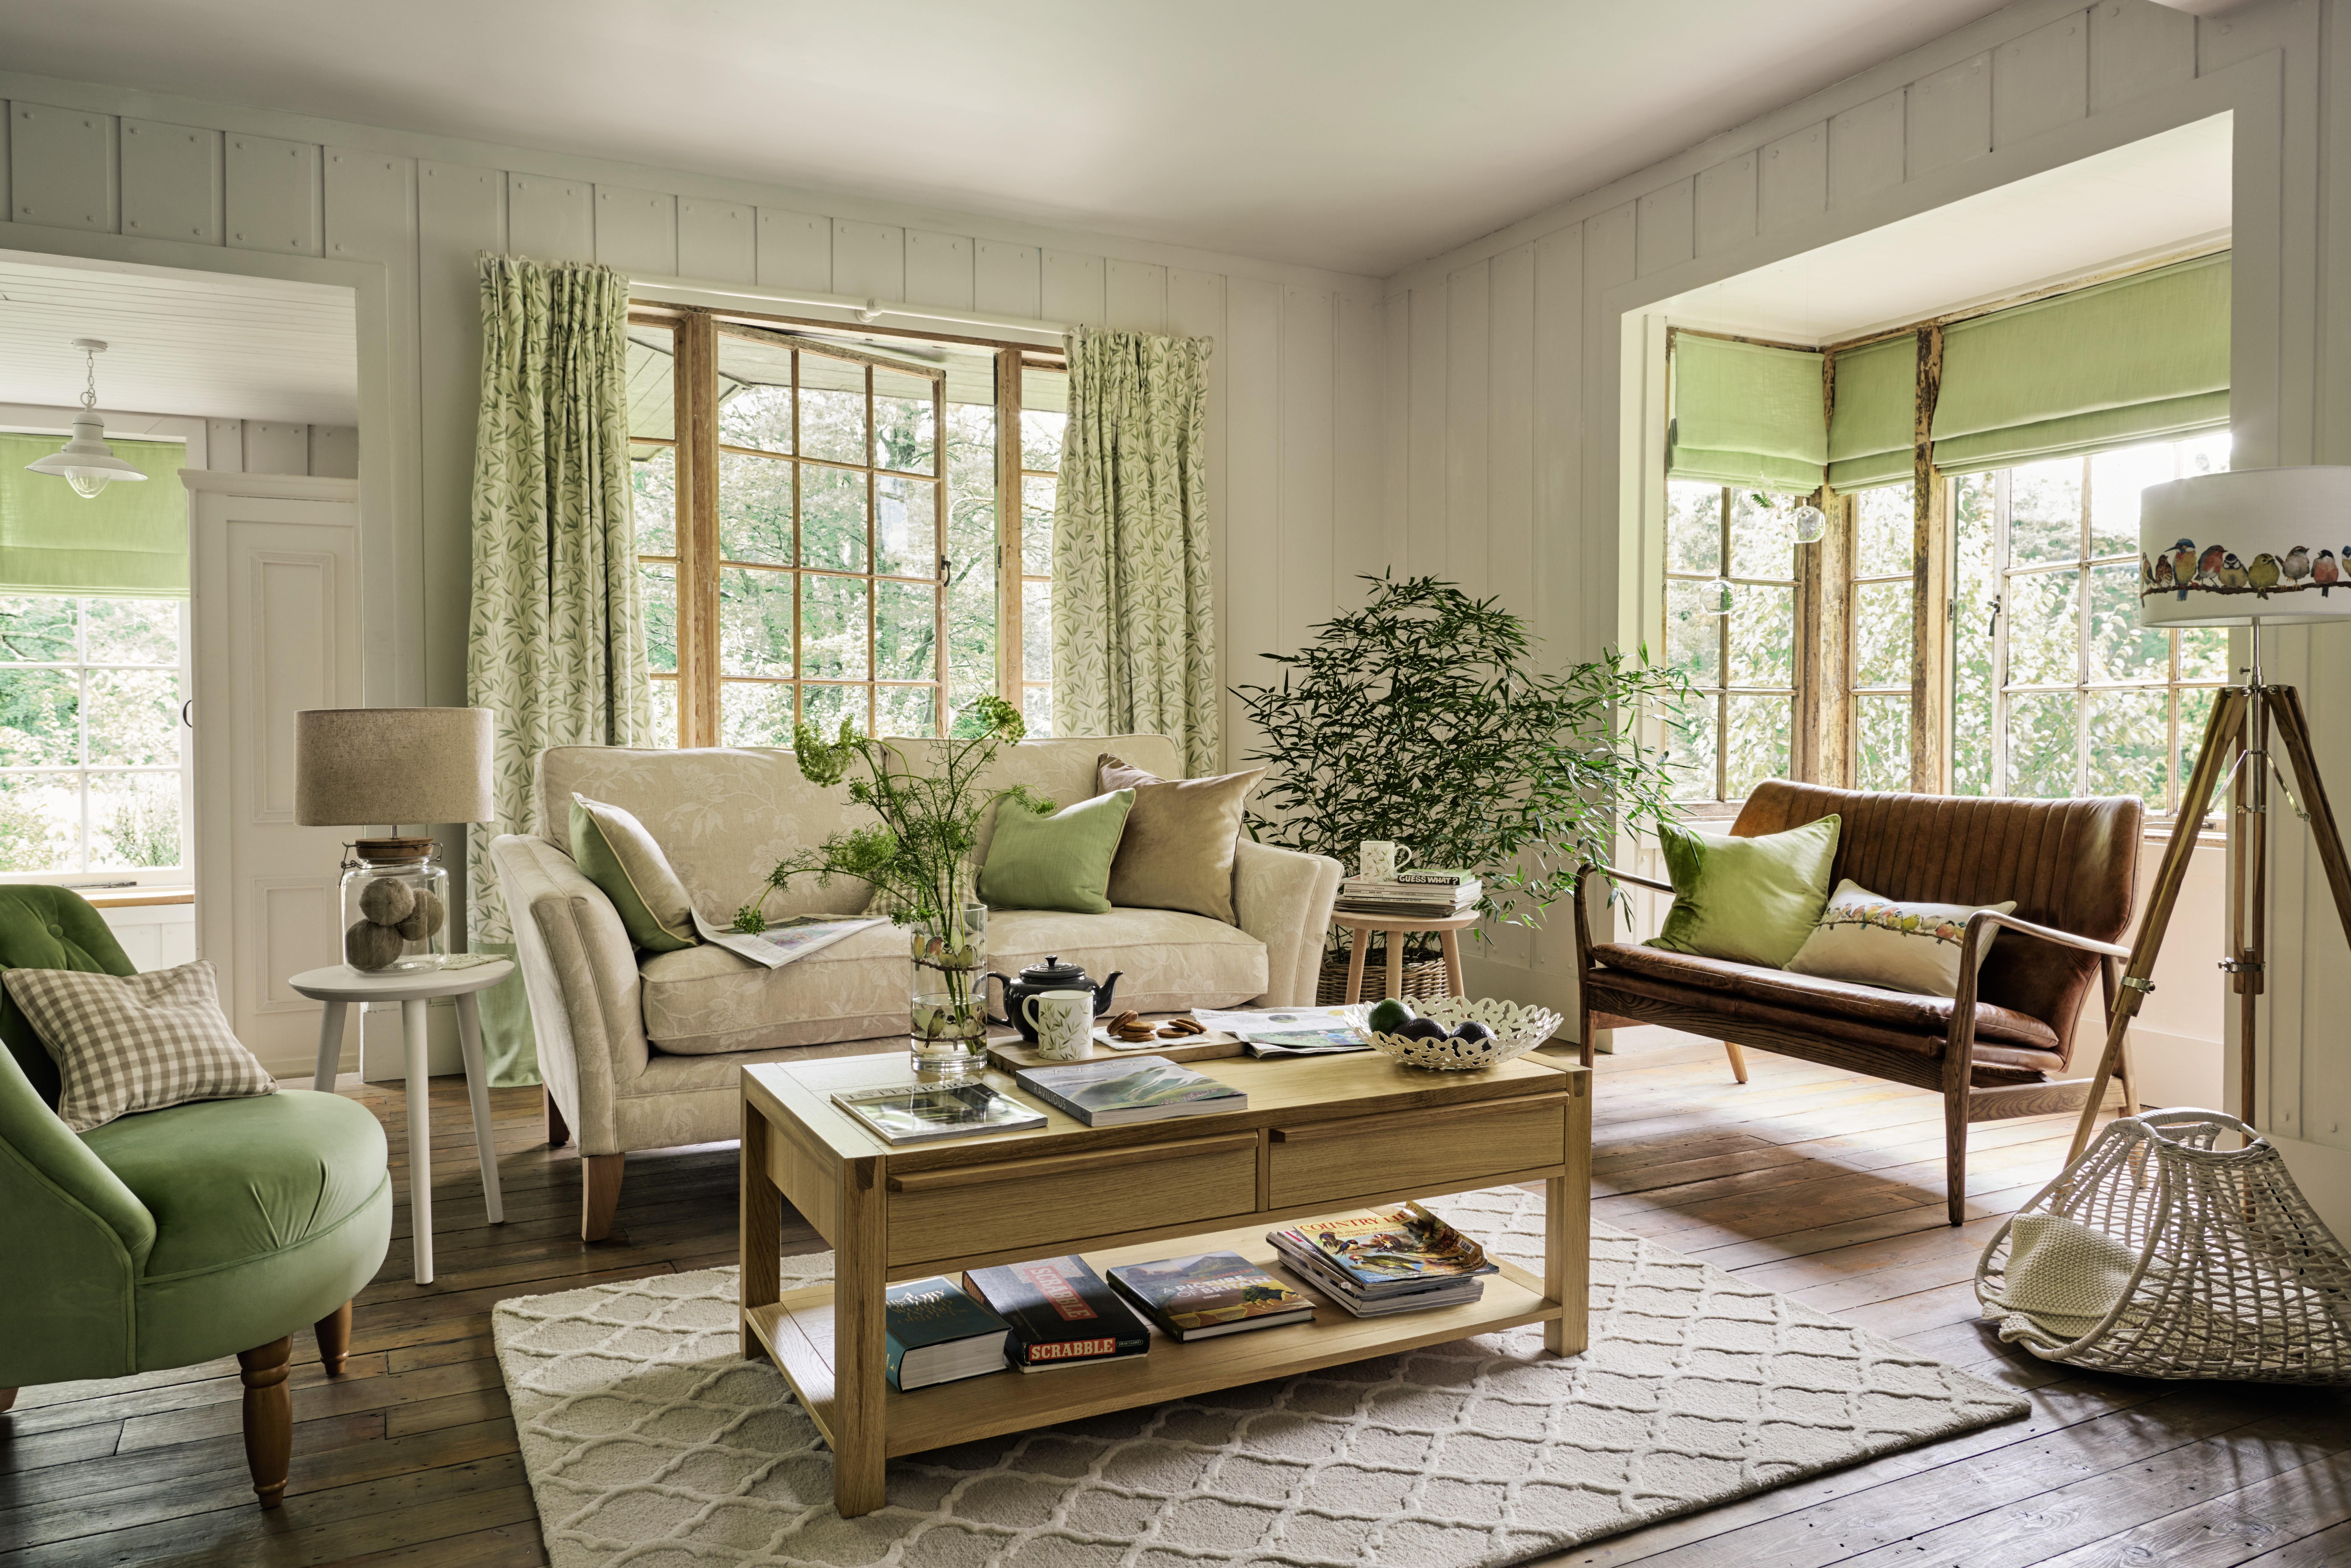 laura ashley n kev n sisustus ja muotiuutuudet saapuivat lontoosta epressi. Black Bedroom Furniture Sets. Home Design Ideas